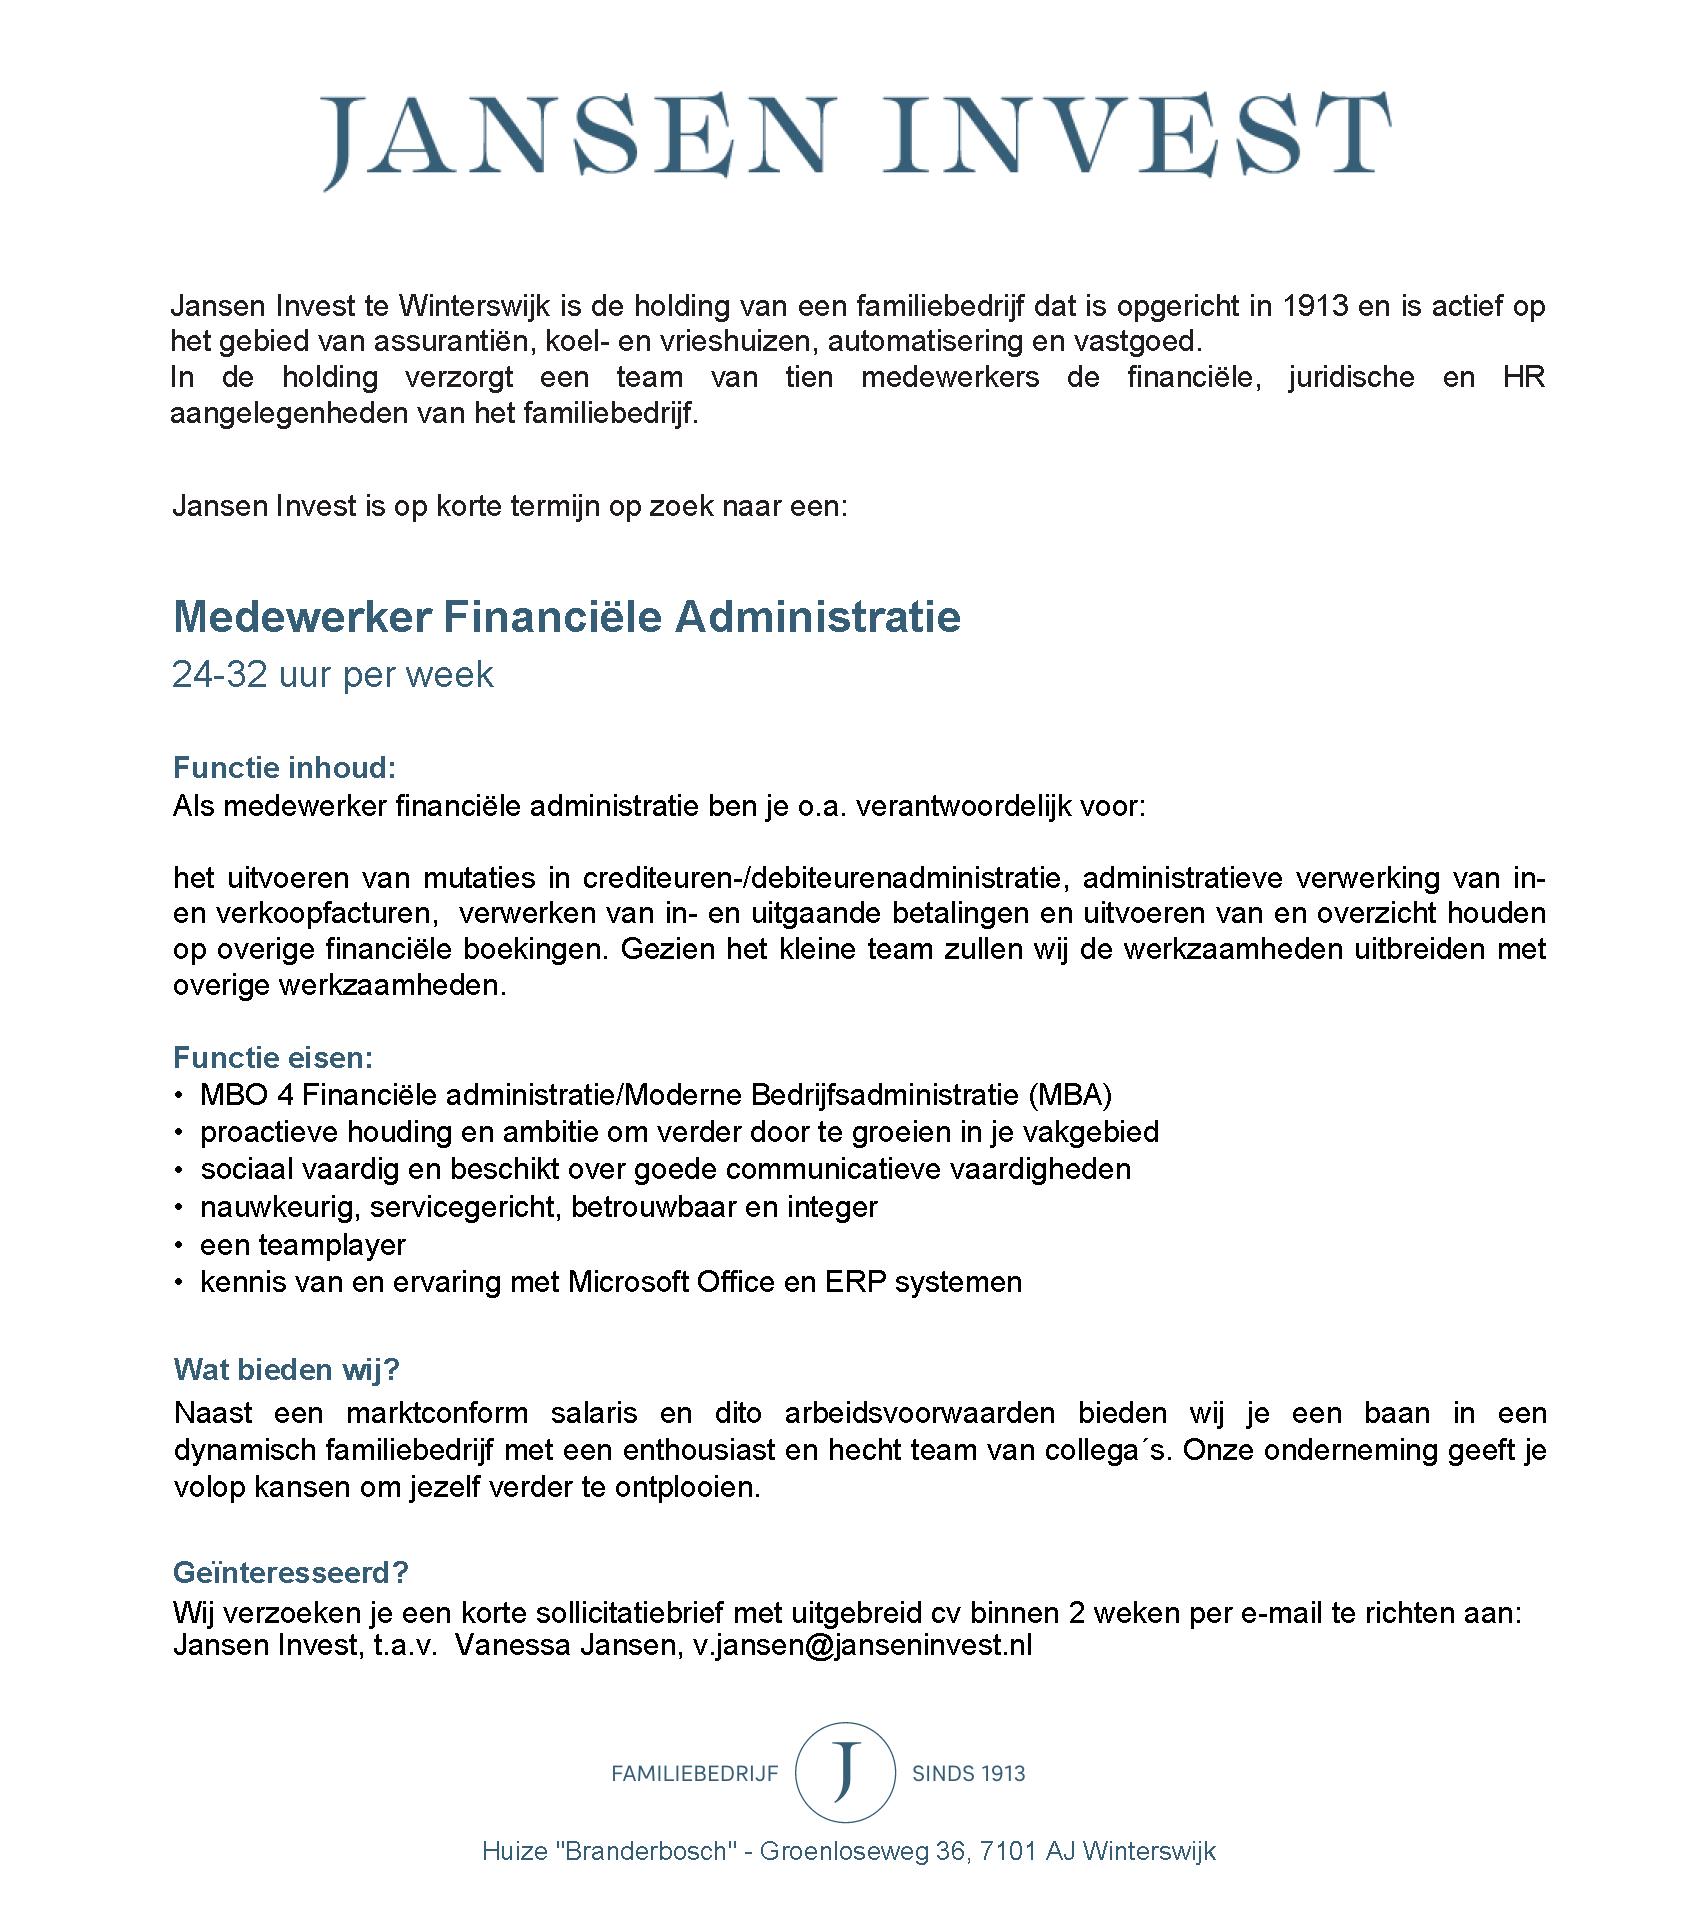 https://www.hjansen.nl/assets/uploads/bestanden/Vacatures/medewerker-financiele-administratie-Jansen-Invest.pdf